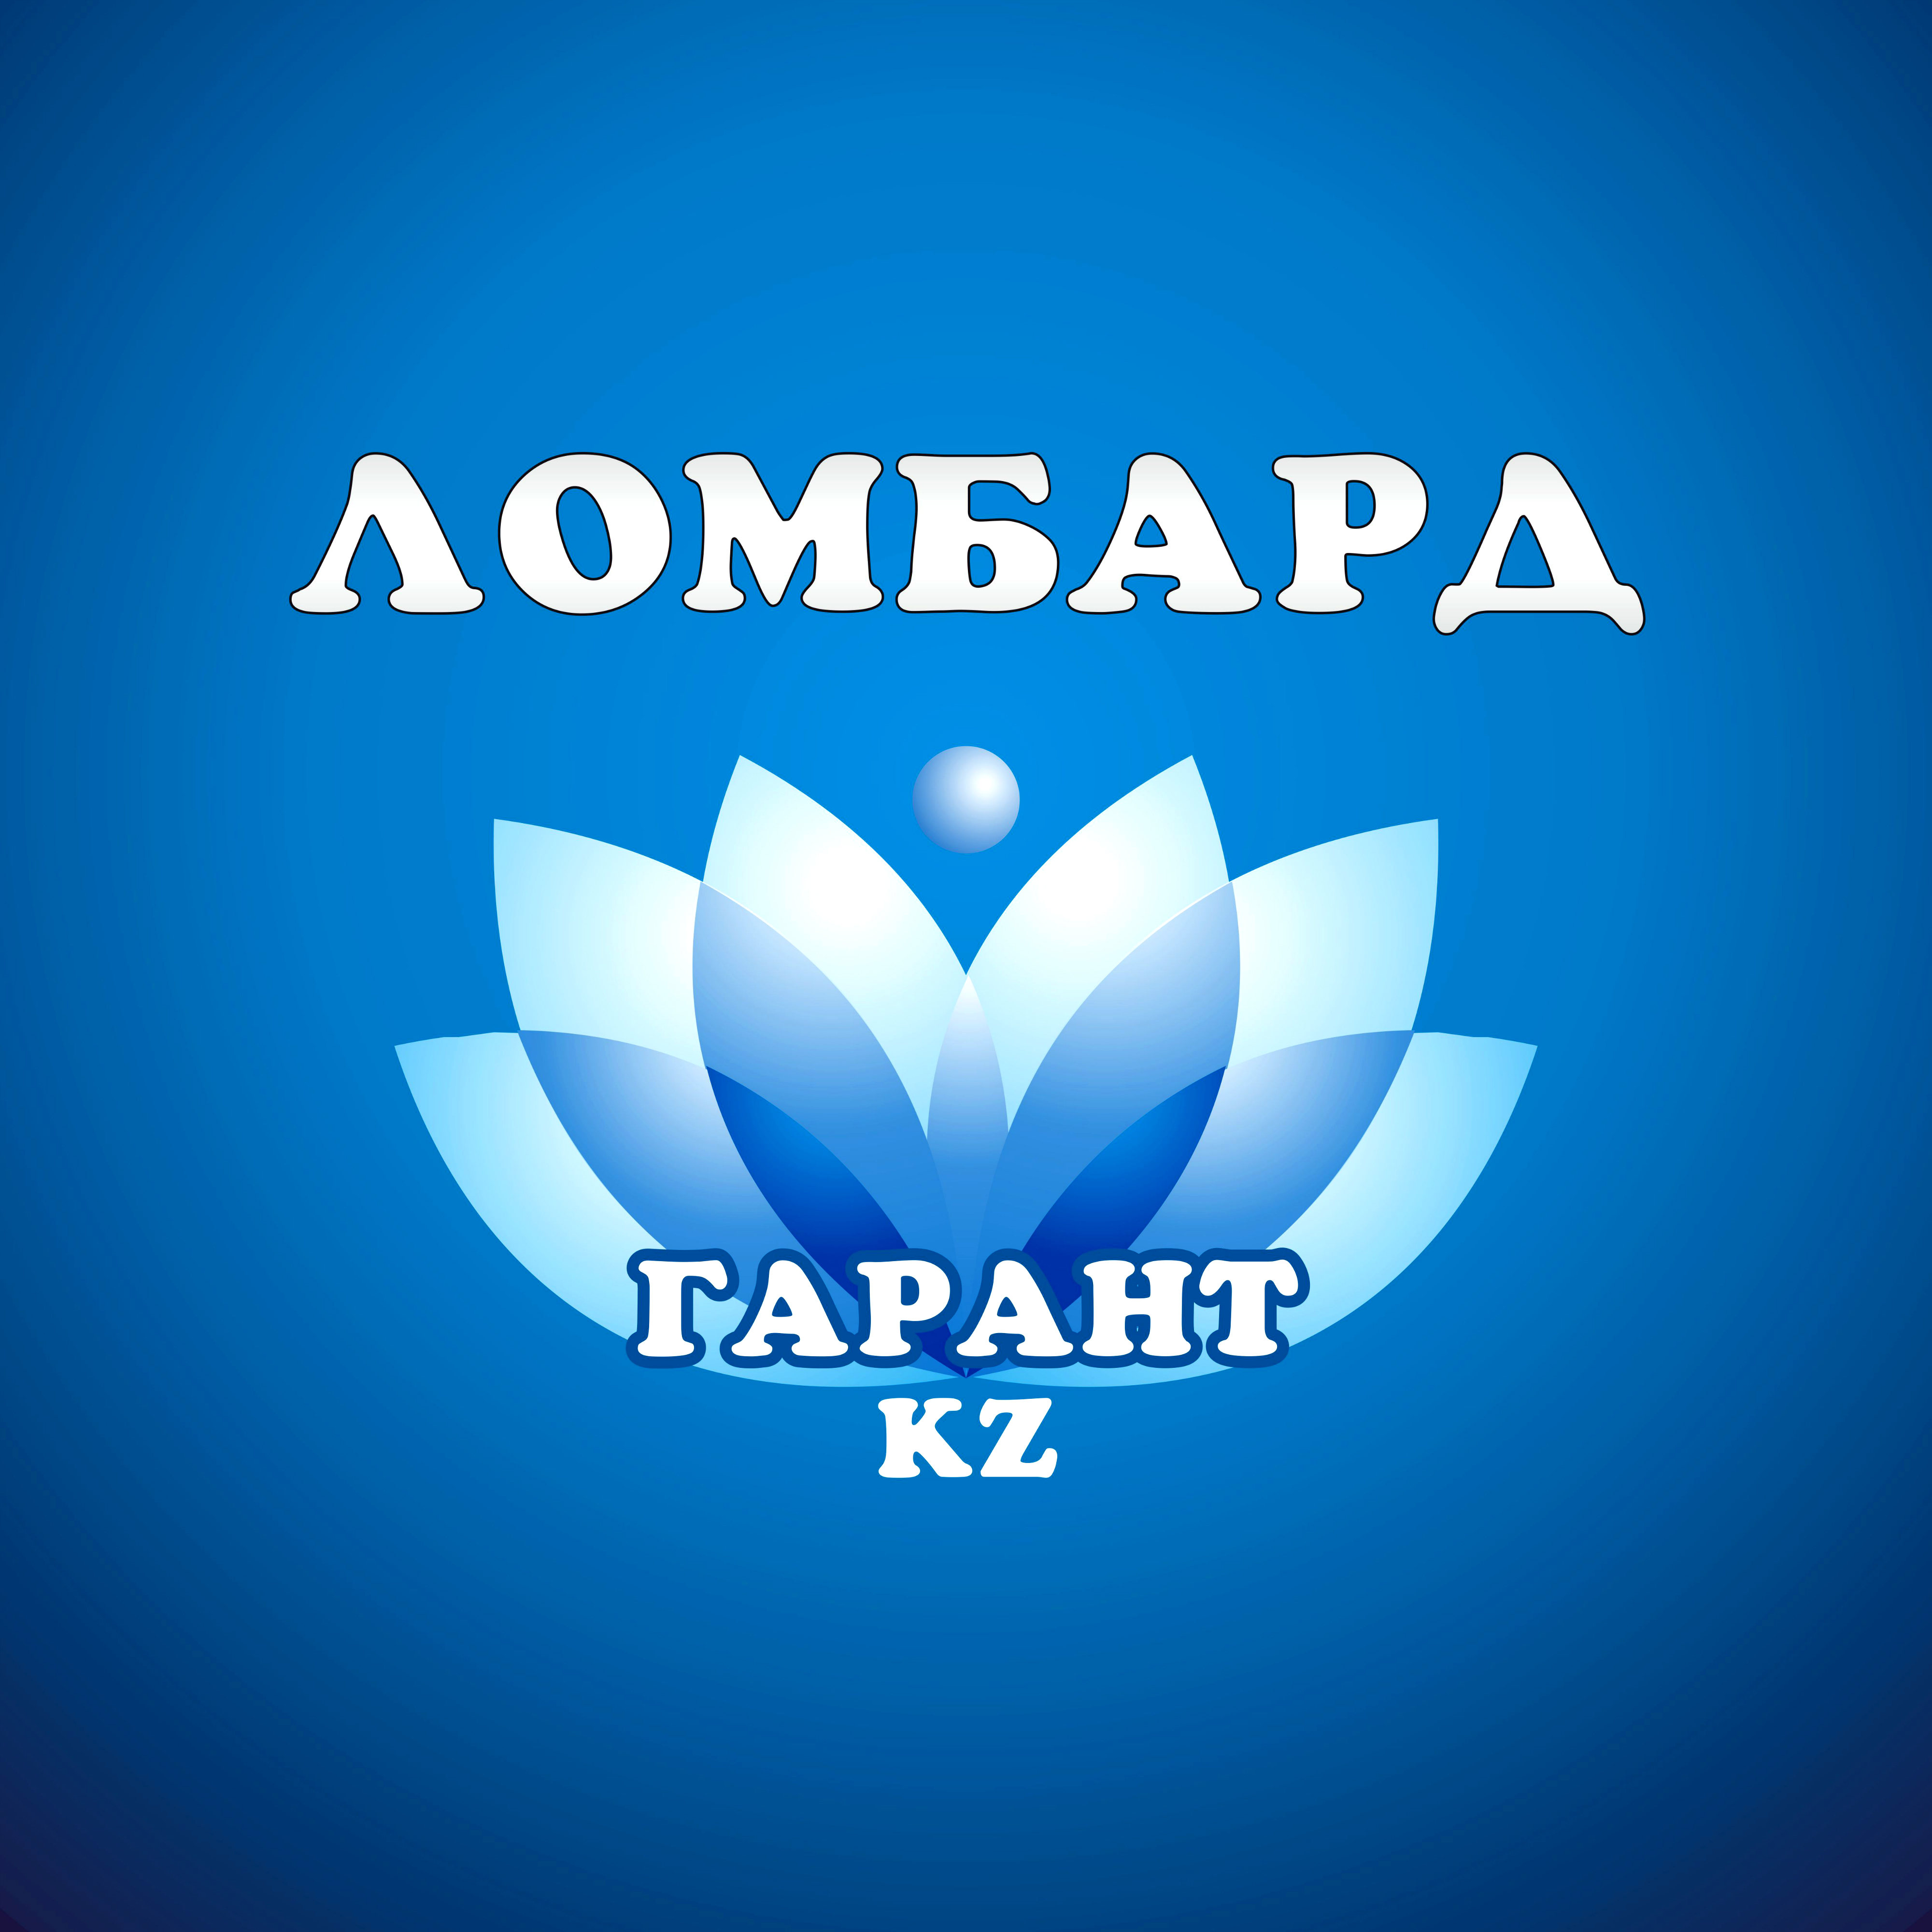 Ломбард Гарант KZ, ,  Караганда